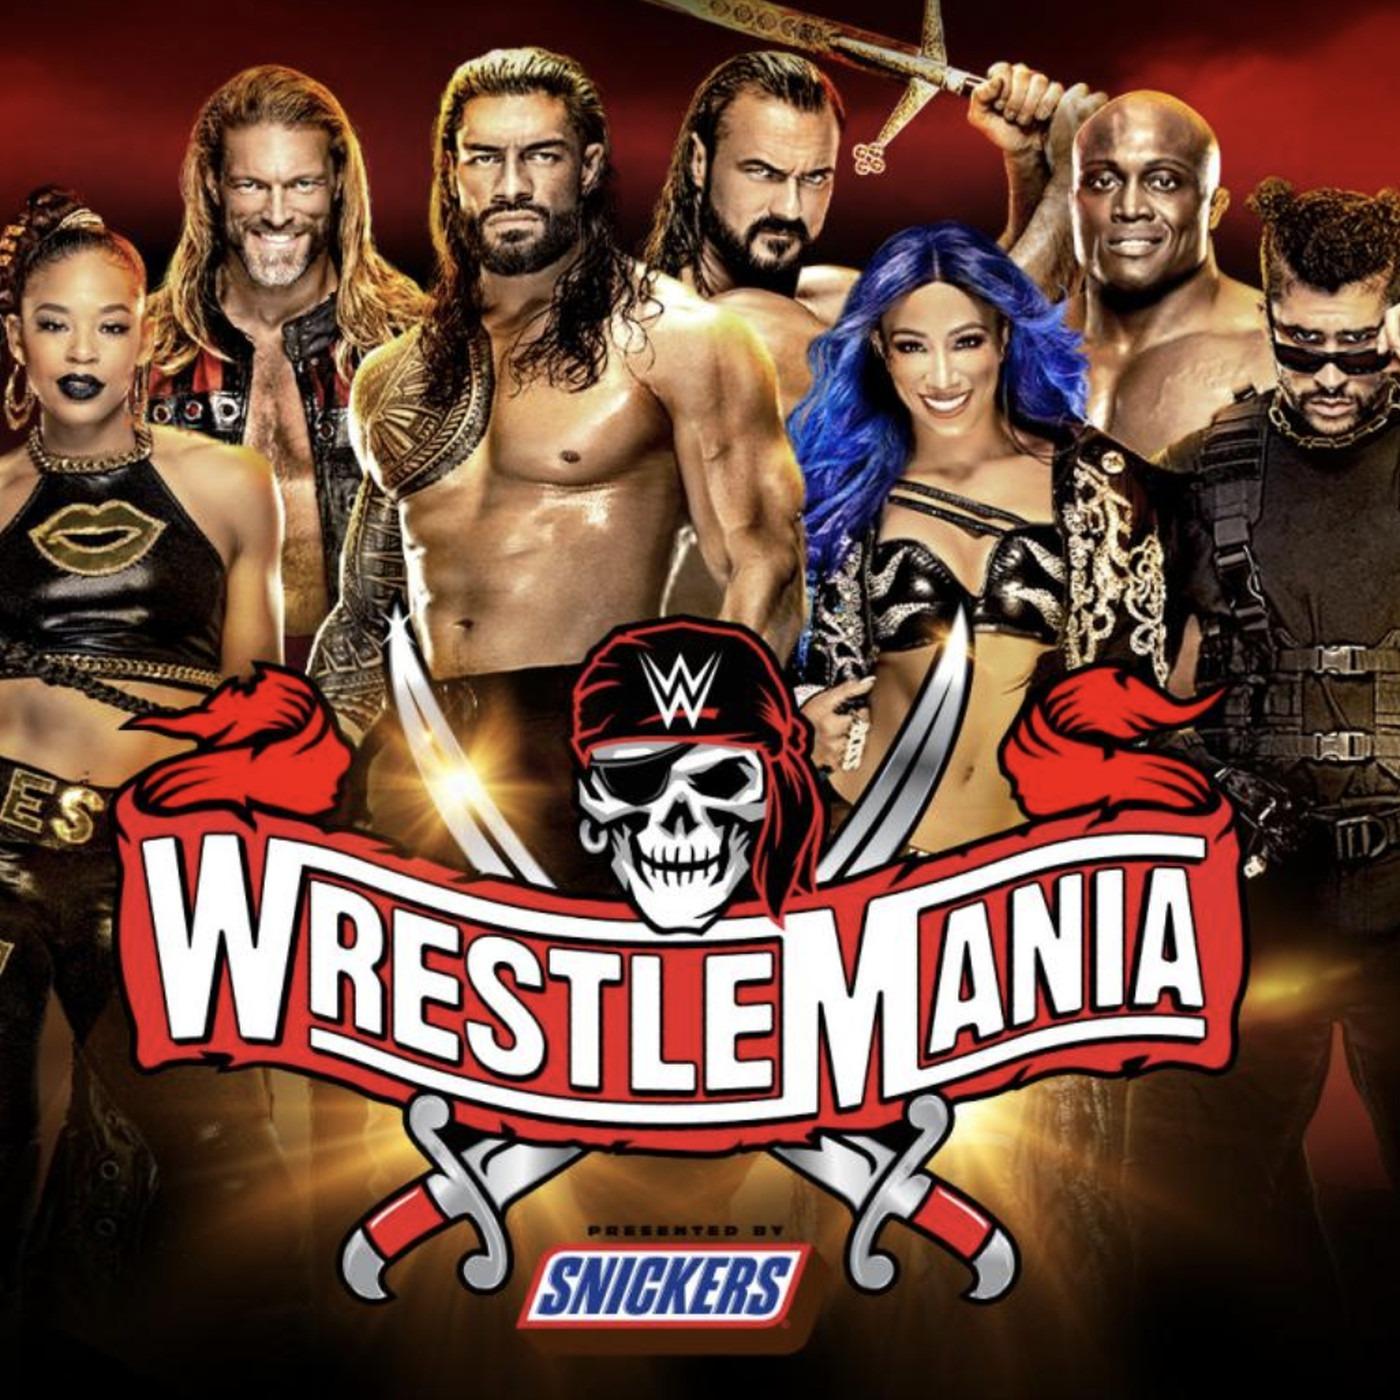 Wrestling Geeks Alliance - WrestleMania Super Show